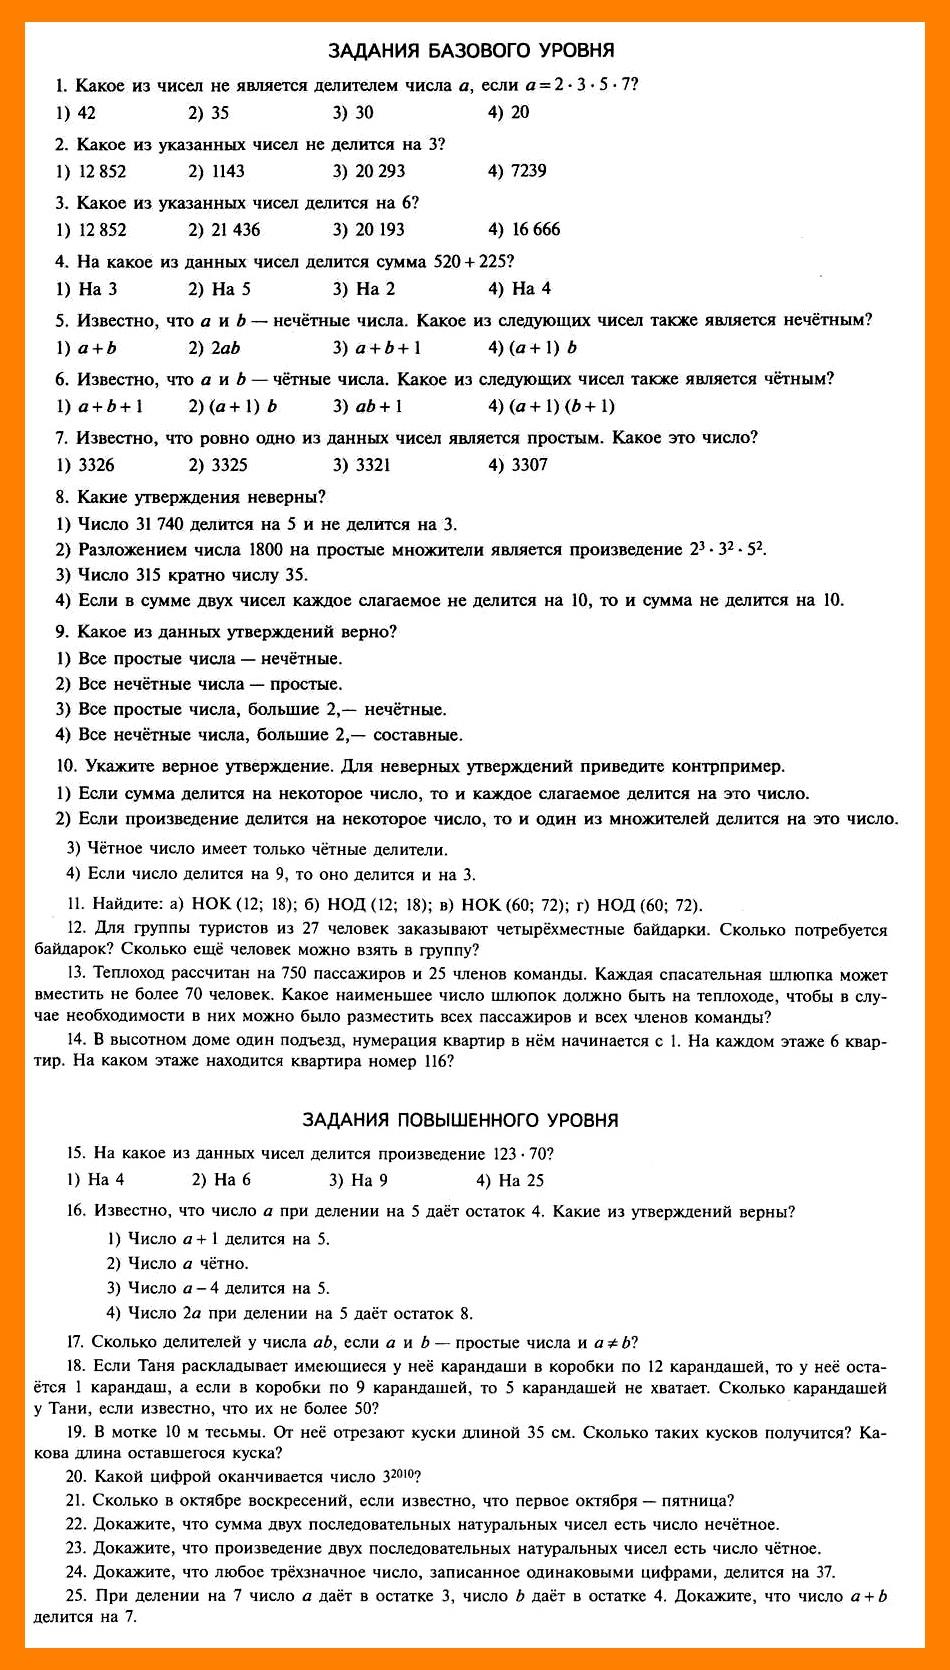 Ответы на тест по теме делимость натуральных чисел